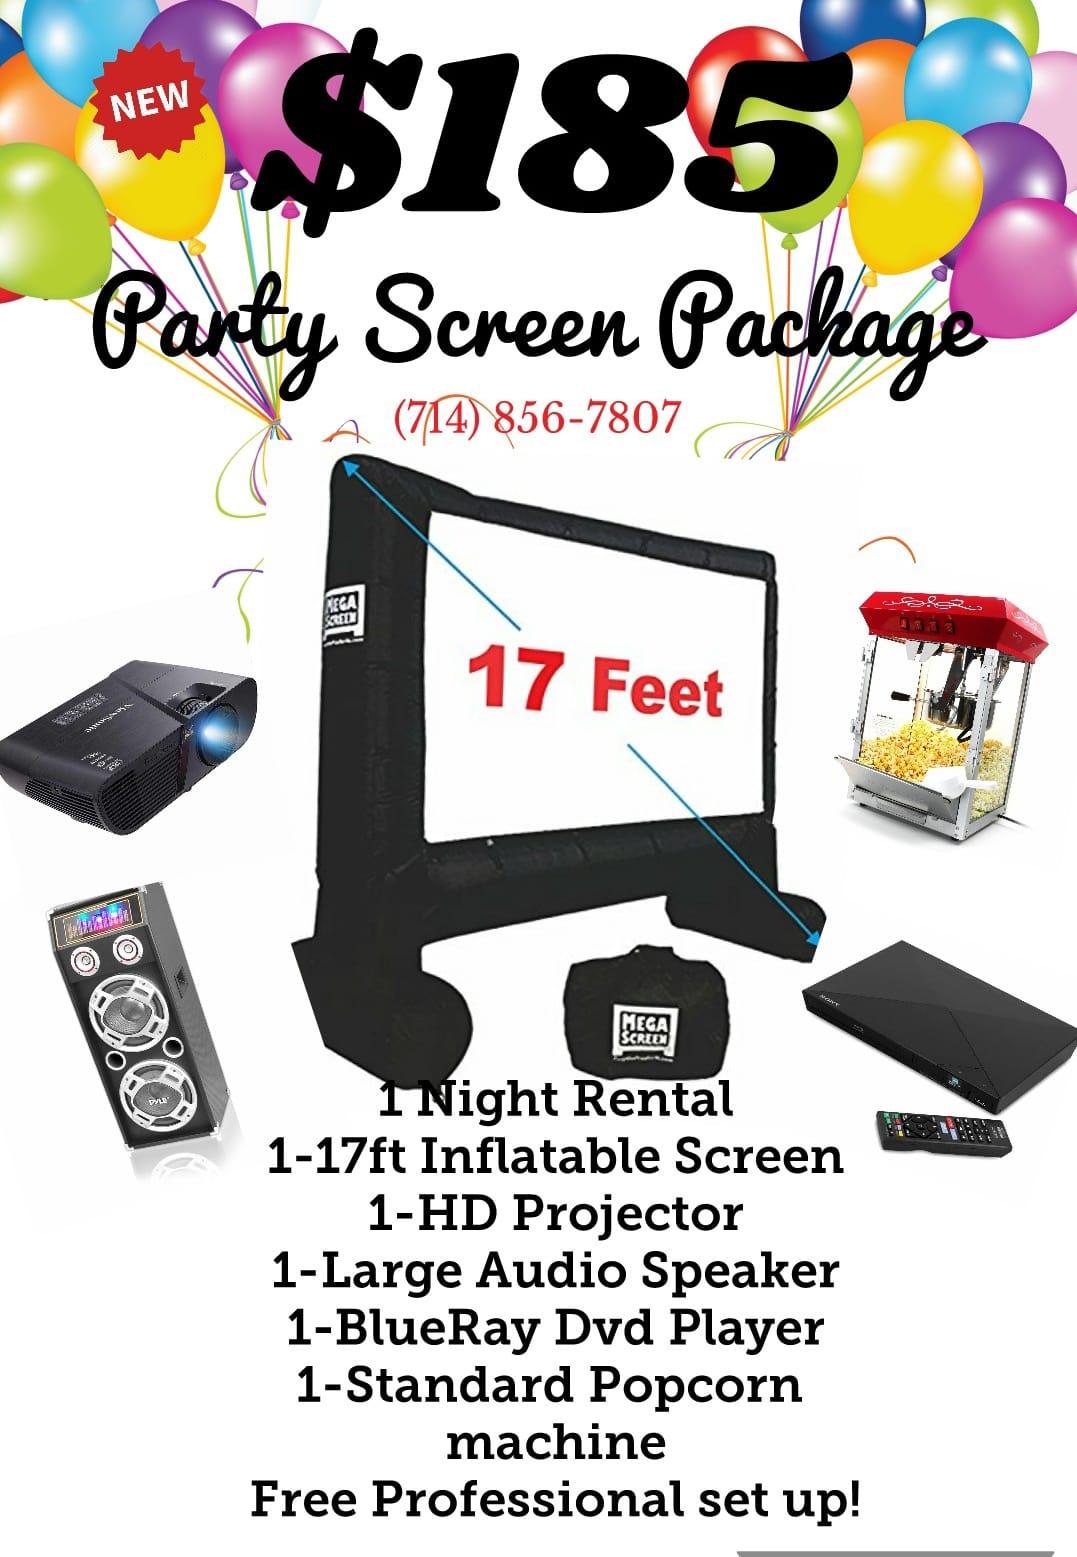 Party screens & rentals